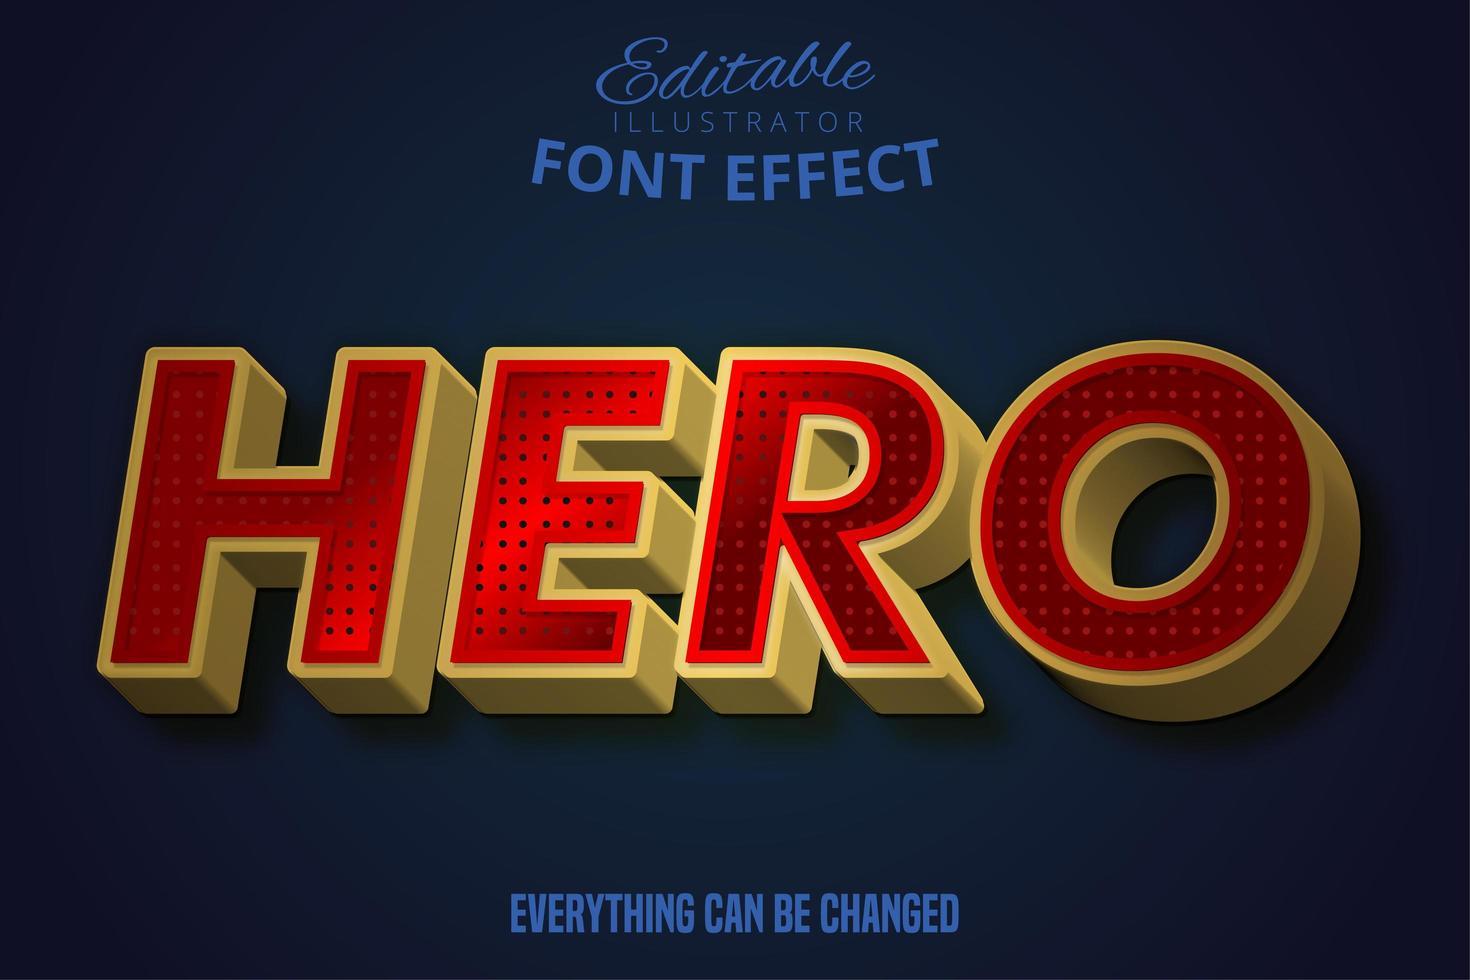 texto de herói, efeito de texto editável. vetor